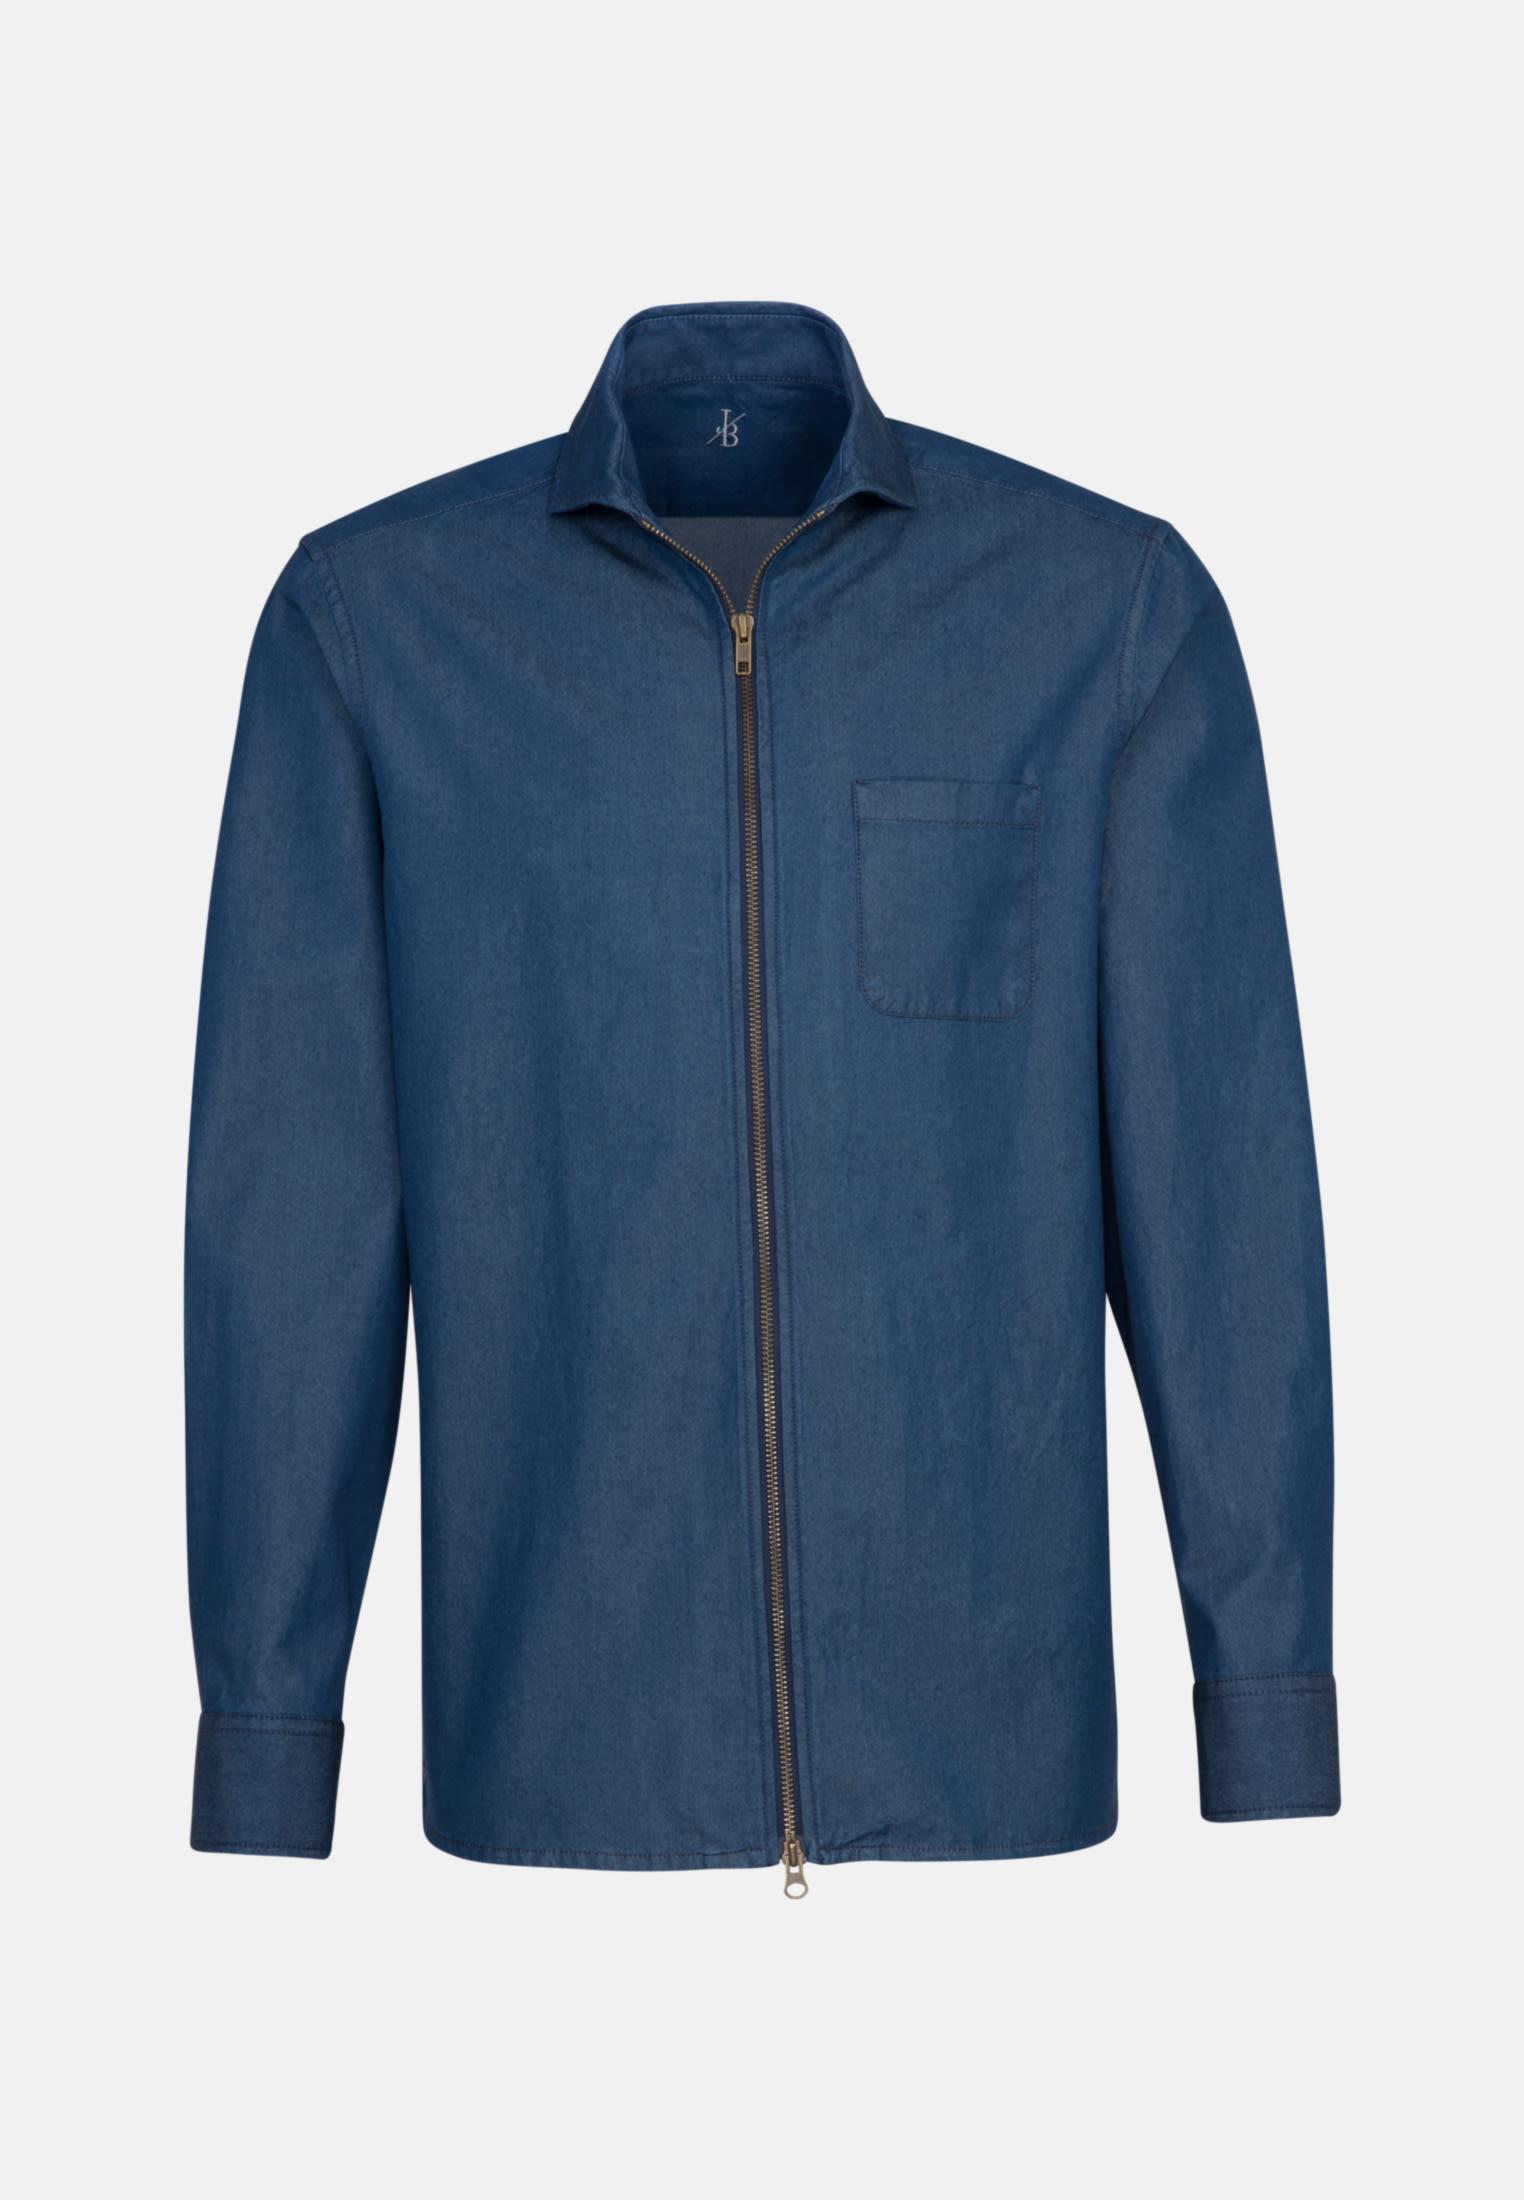 Denim Smart Casual Hemd in Perfect Fit mit Haifischkragen in Dunkelblau    Jacques Britt Onlineshop